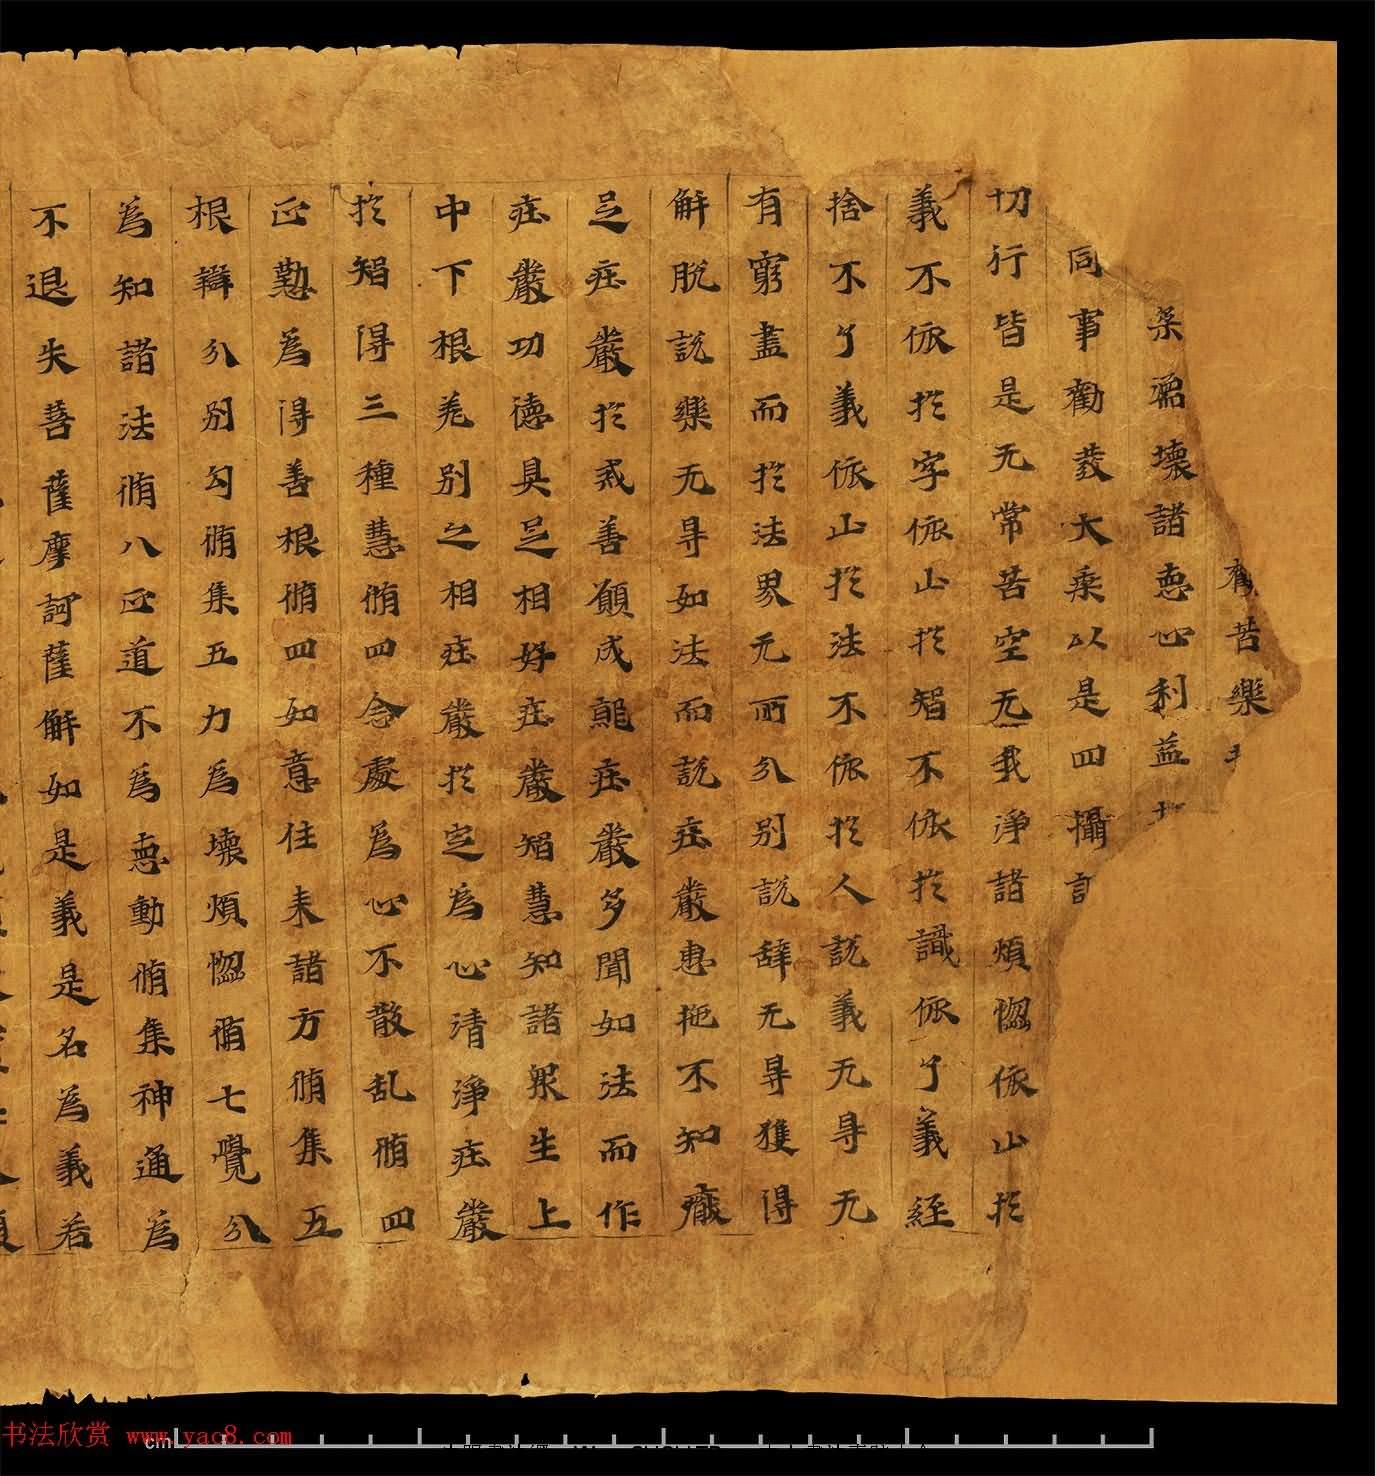 佛教書法墨跡真跡欣賞《大集經卷第六》(共36張圖片)